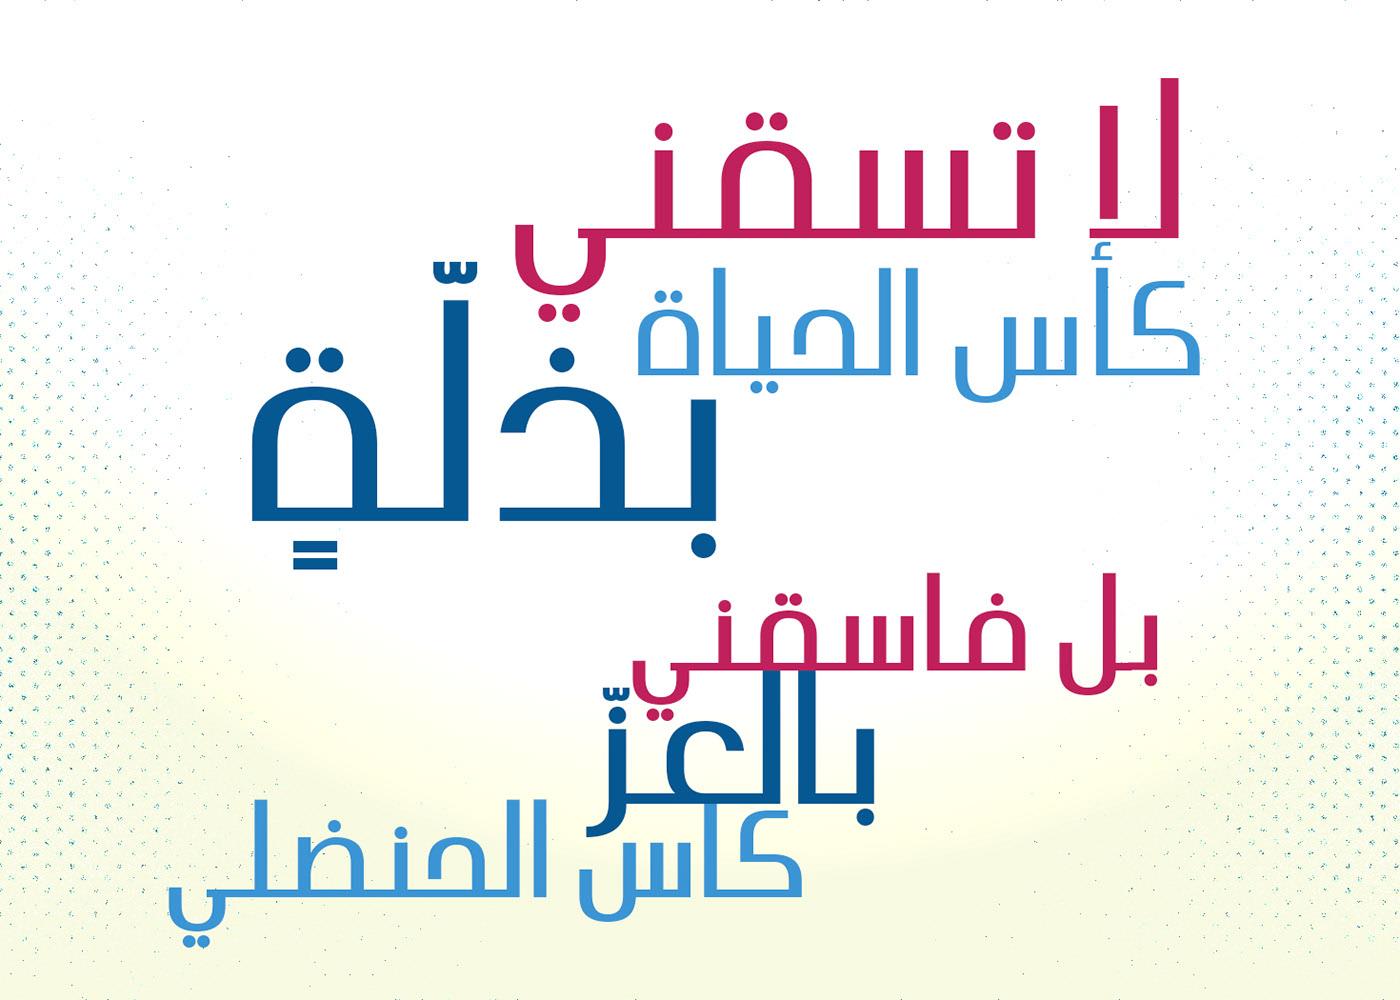 تحميل خط اويا بثلاثة أوزان -Oya Font Download